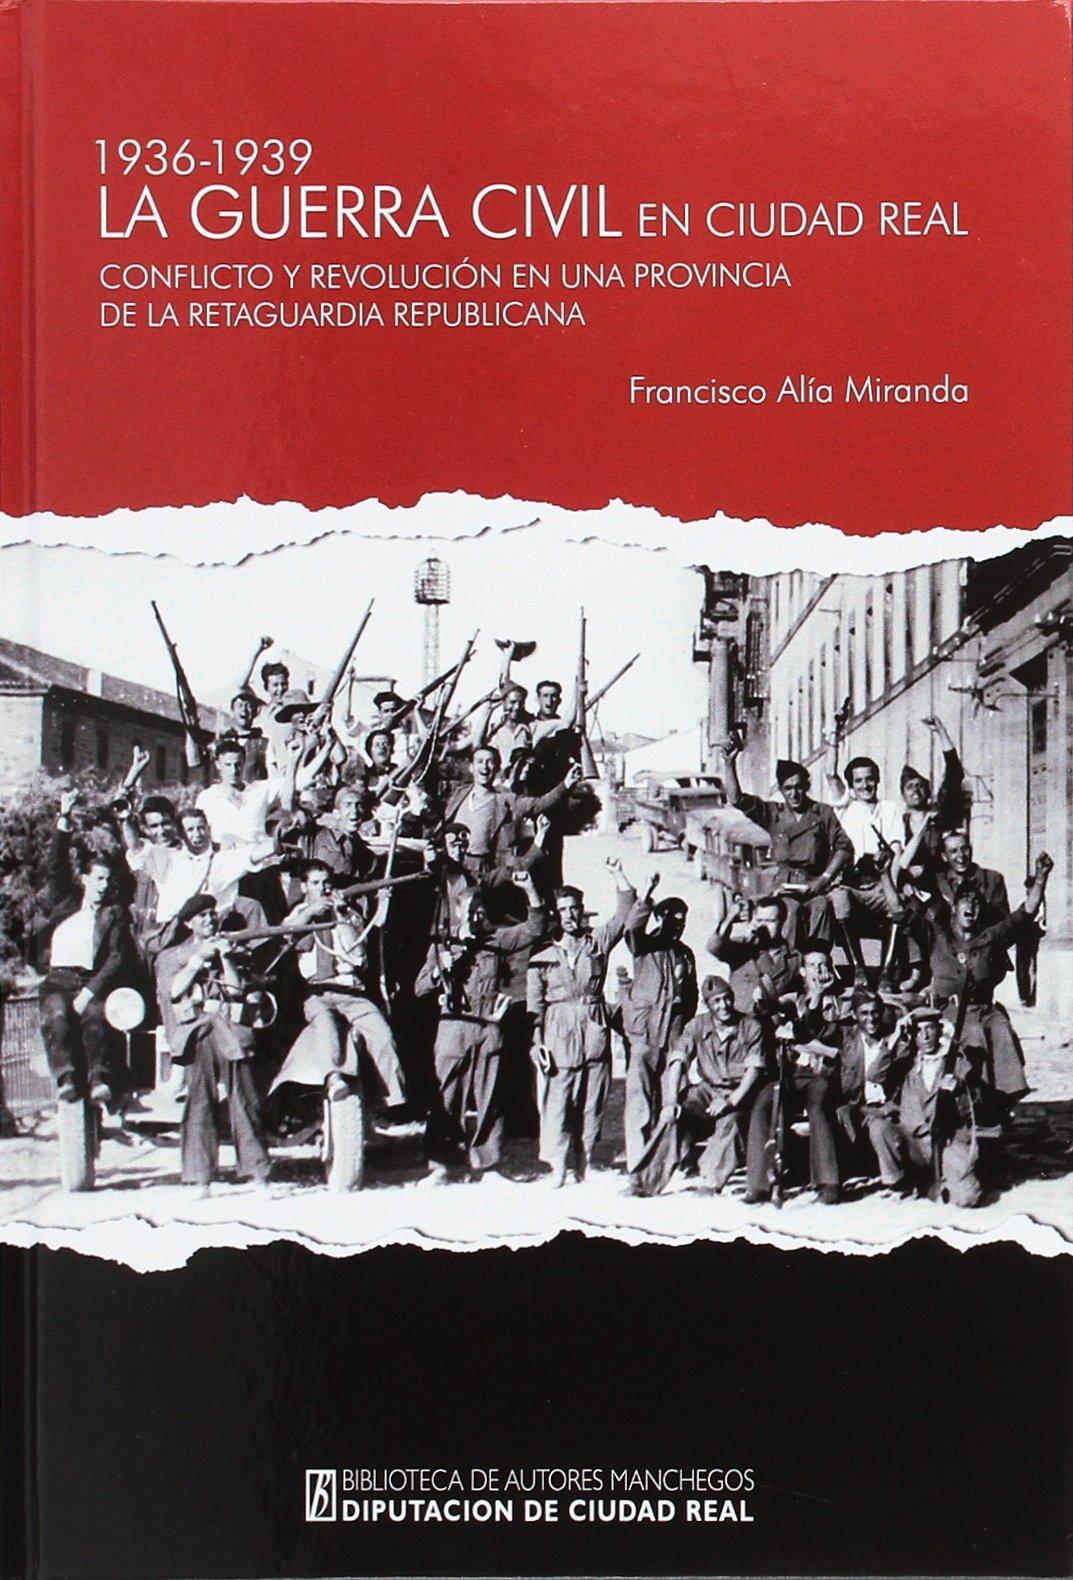 Guerra civil en Cudad Real 1936-1939 . Conflicto y revolucion en una ...